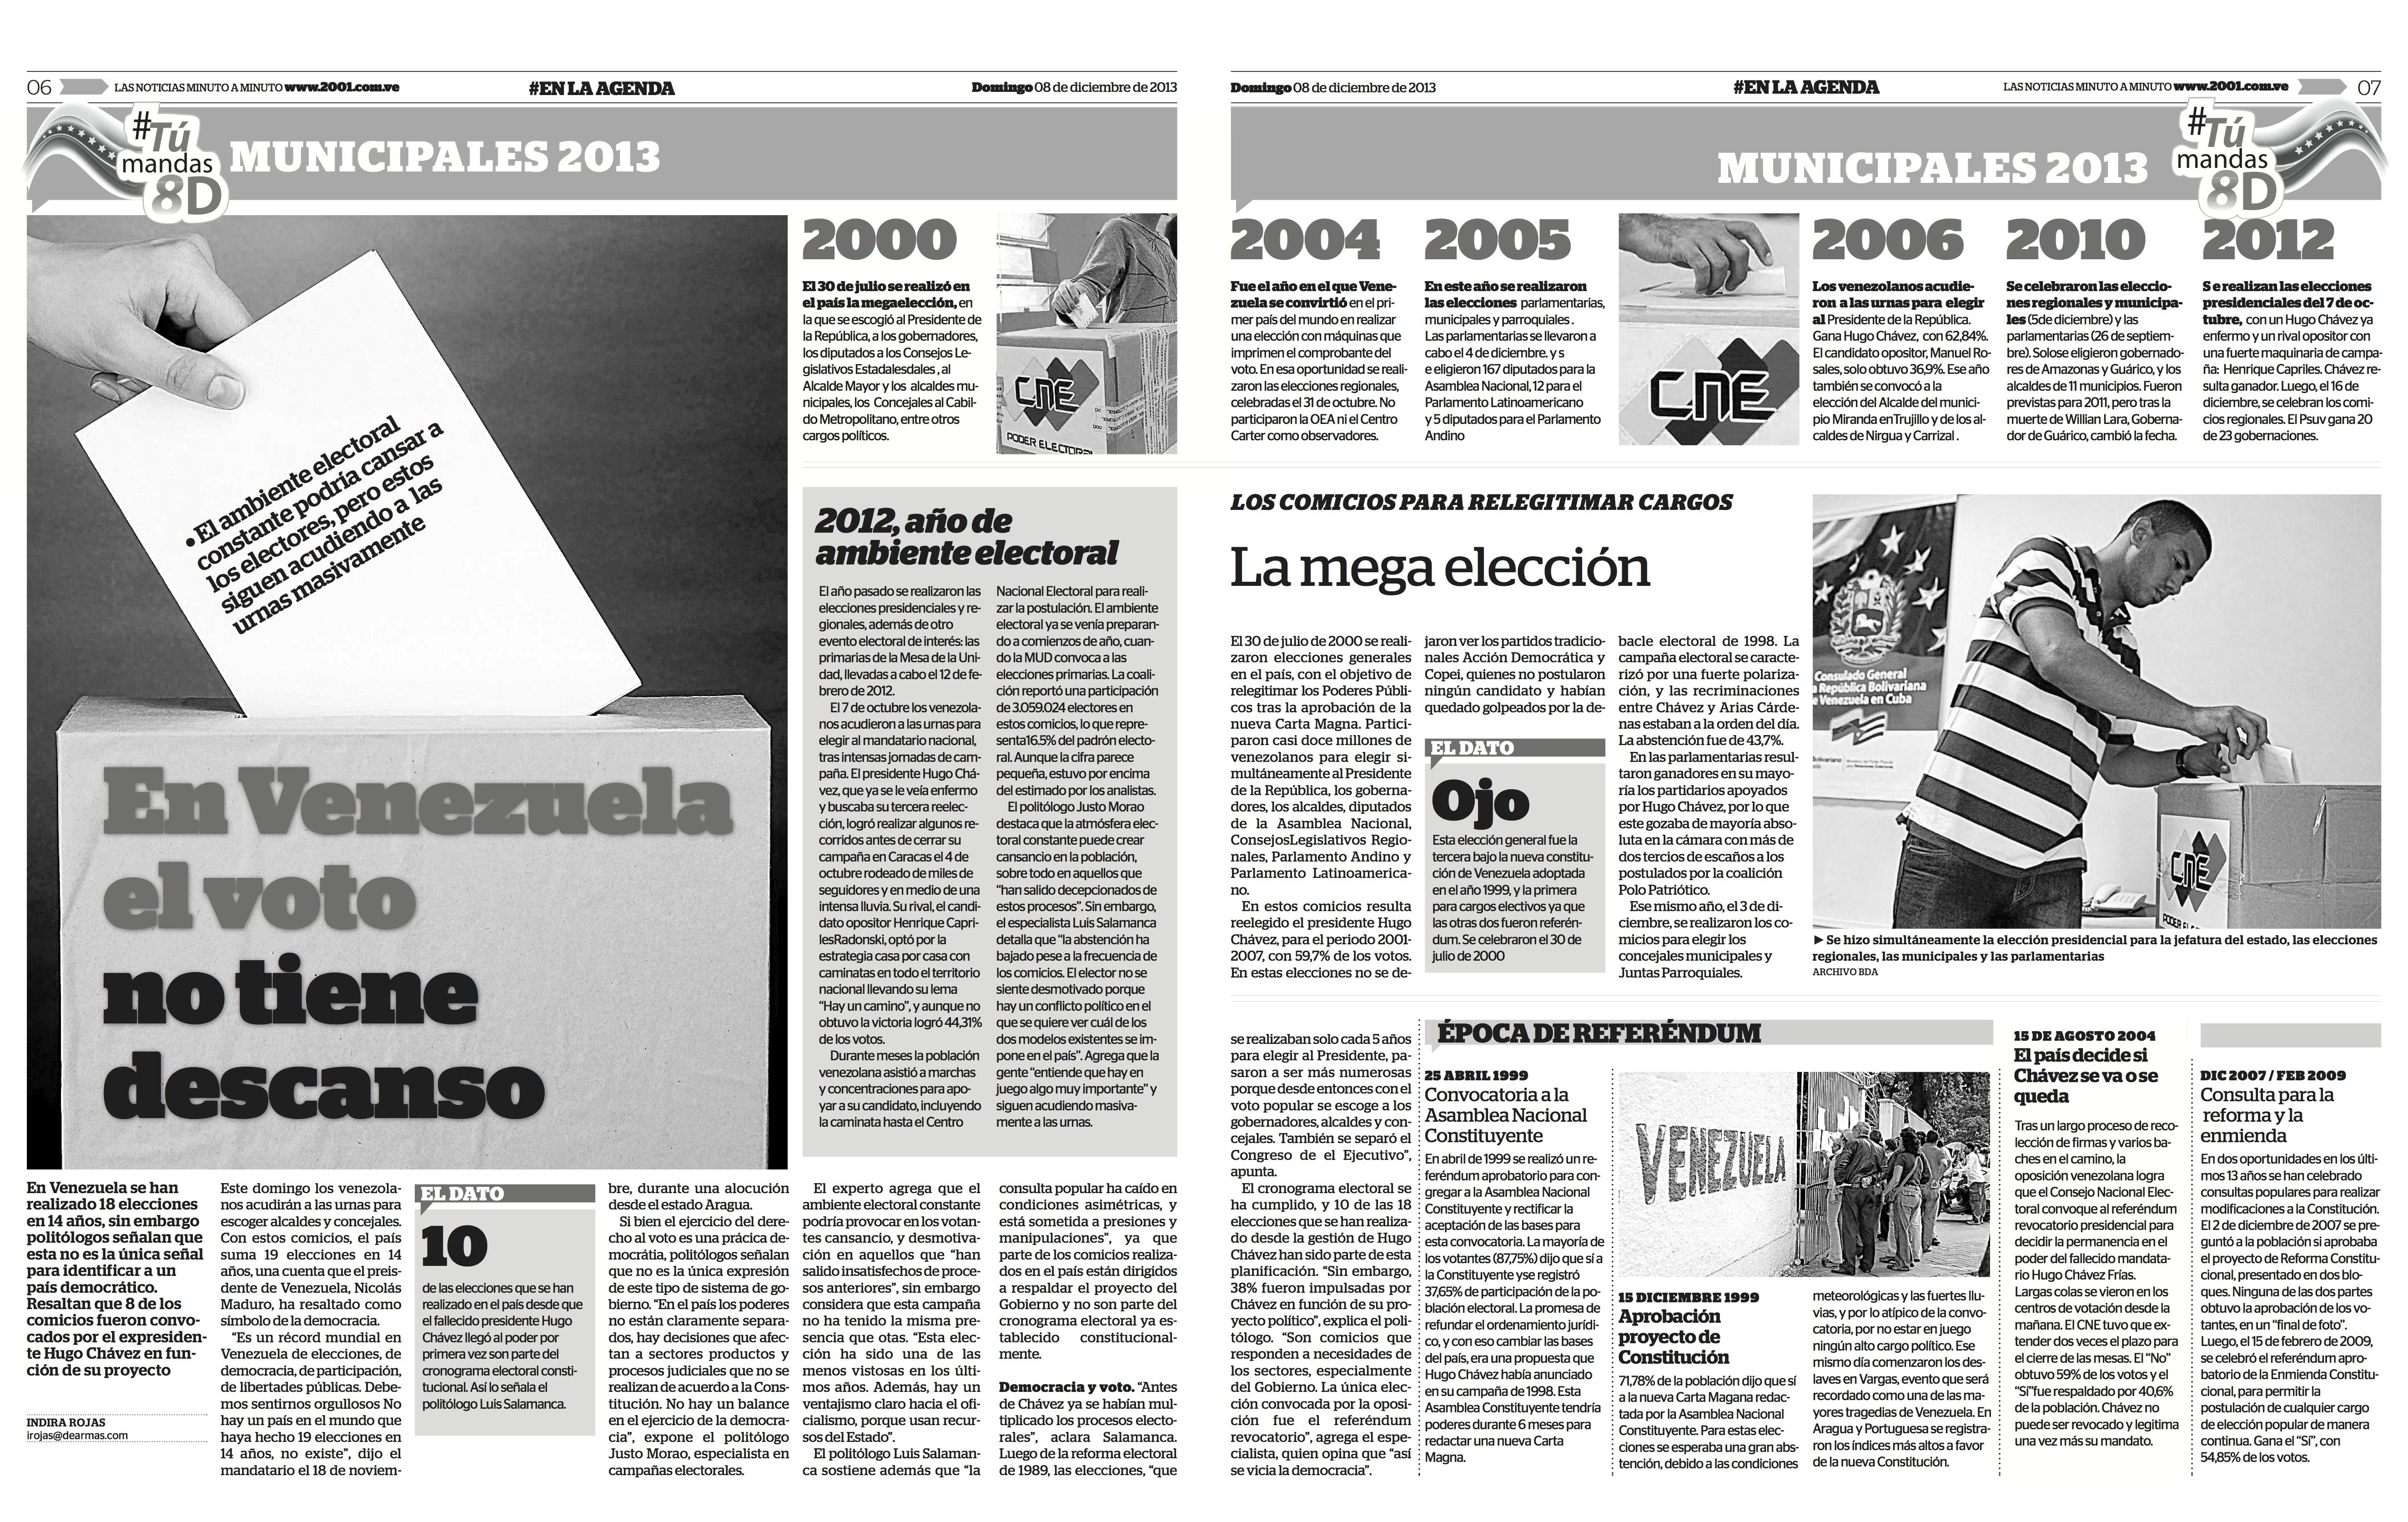 Diario 2001 venezuela